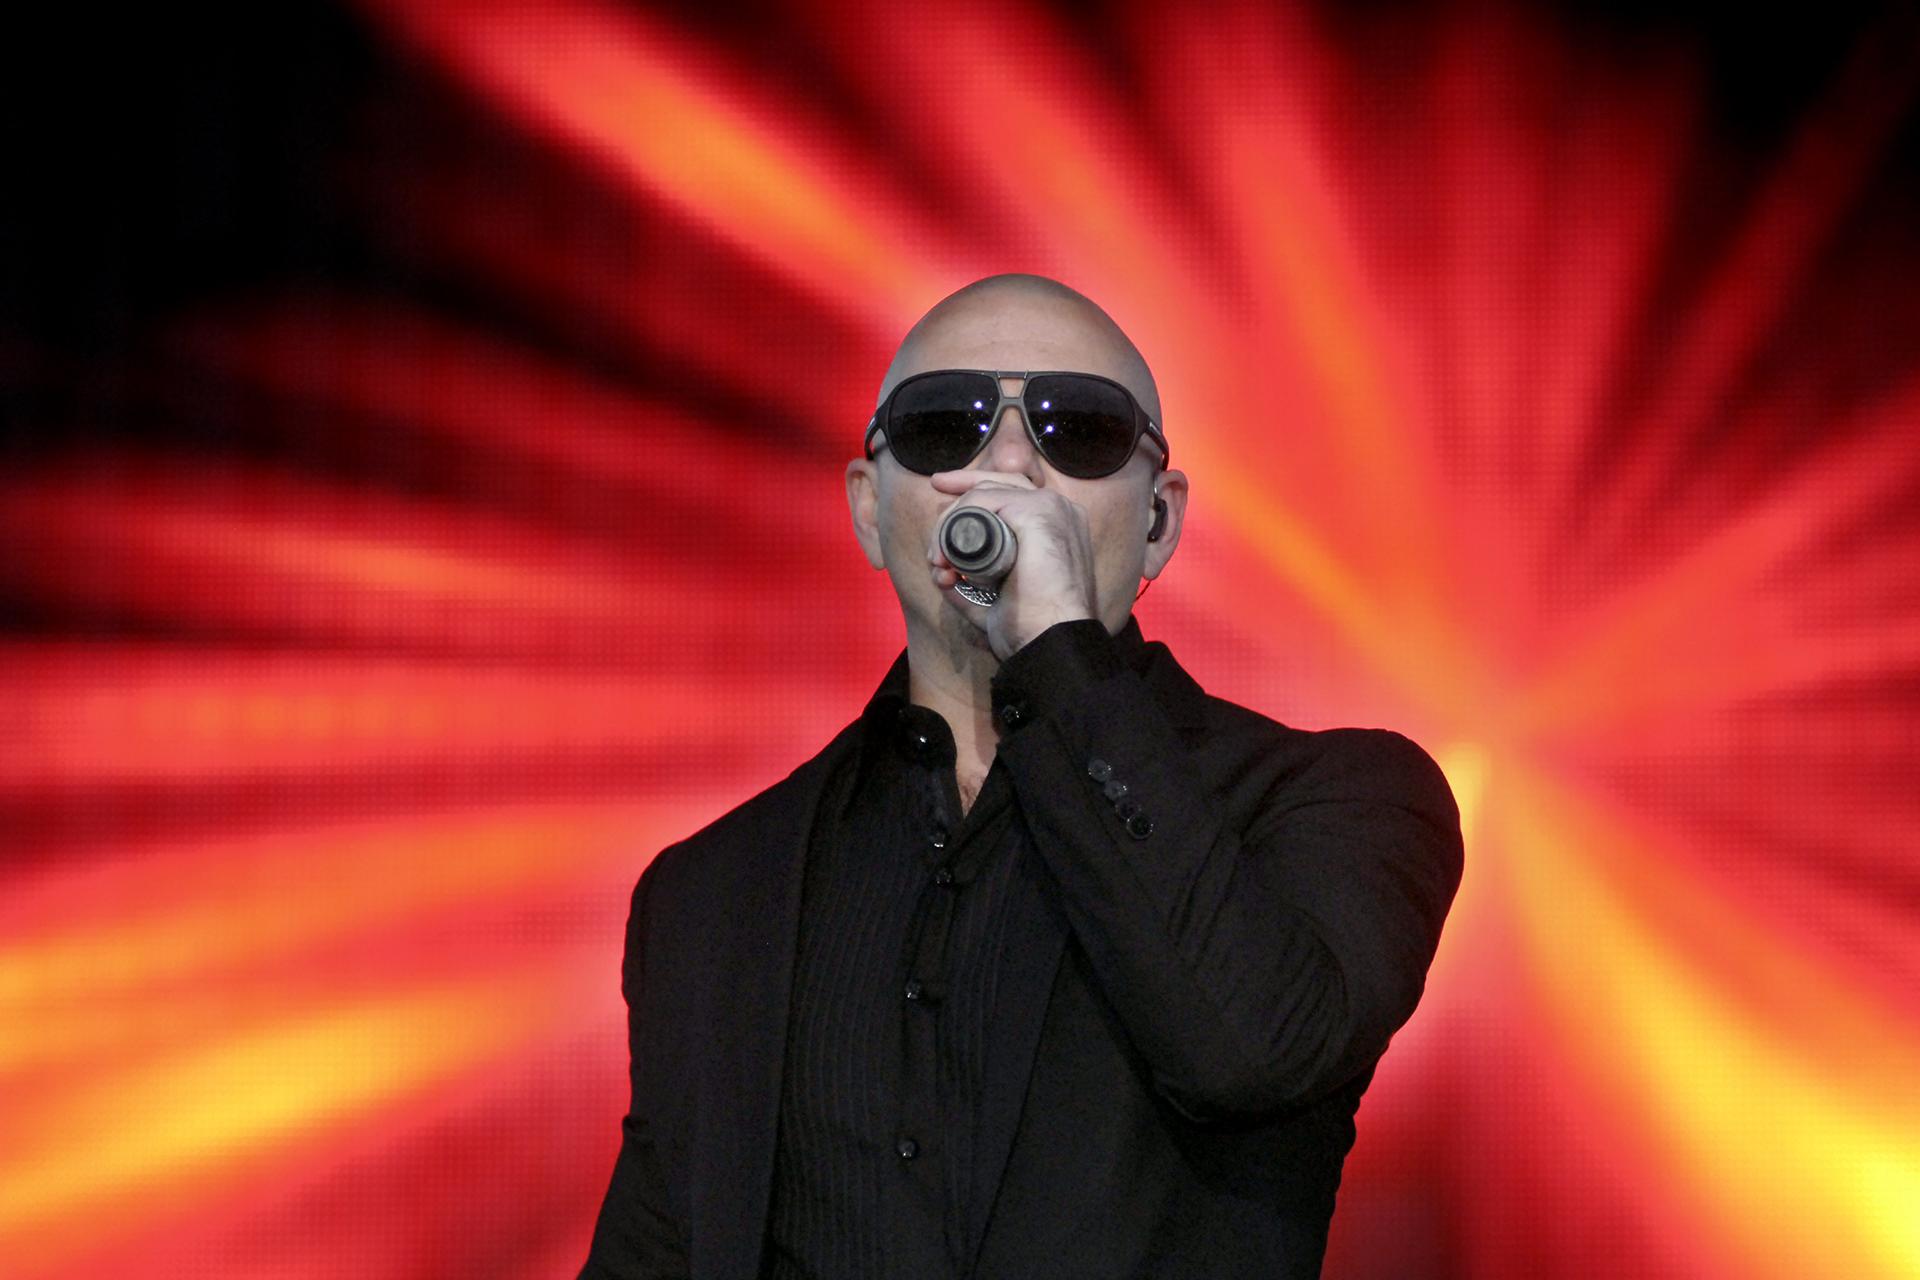 Pitbull performs for service members May 4 at Memorial Stadium on JBLM Lewis Main.